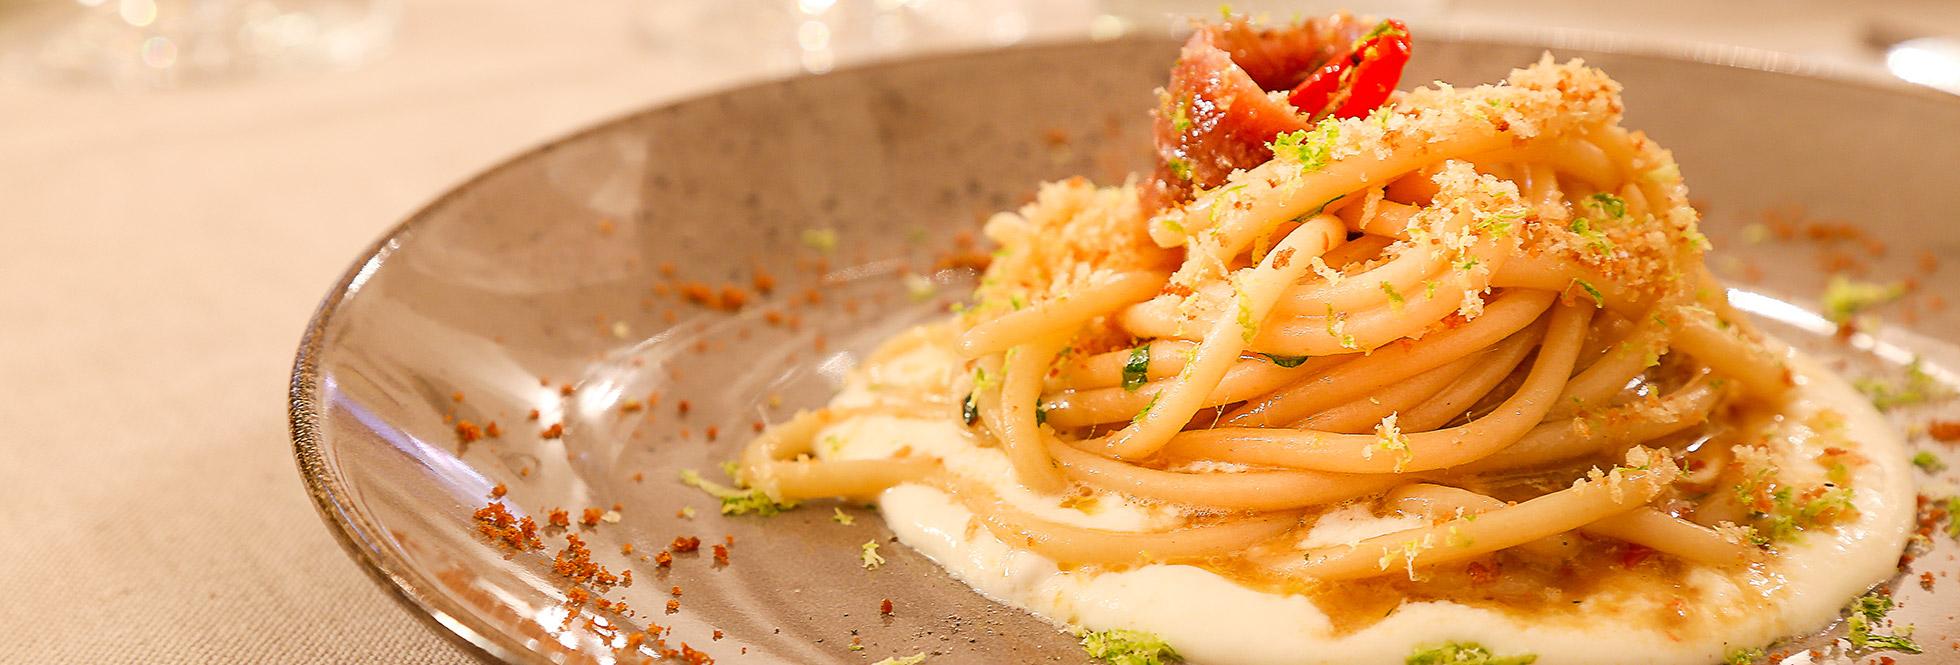 Cucina tradiziona pugliese